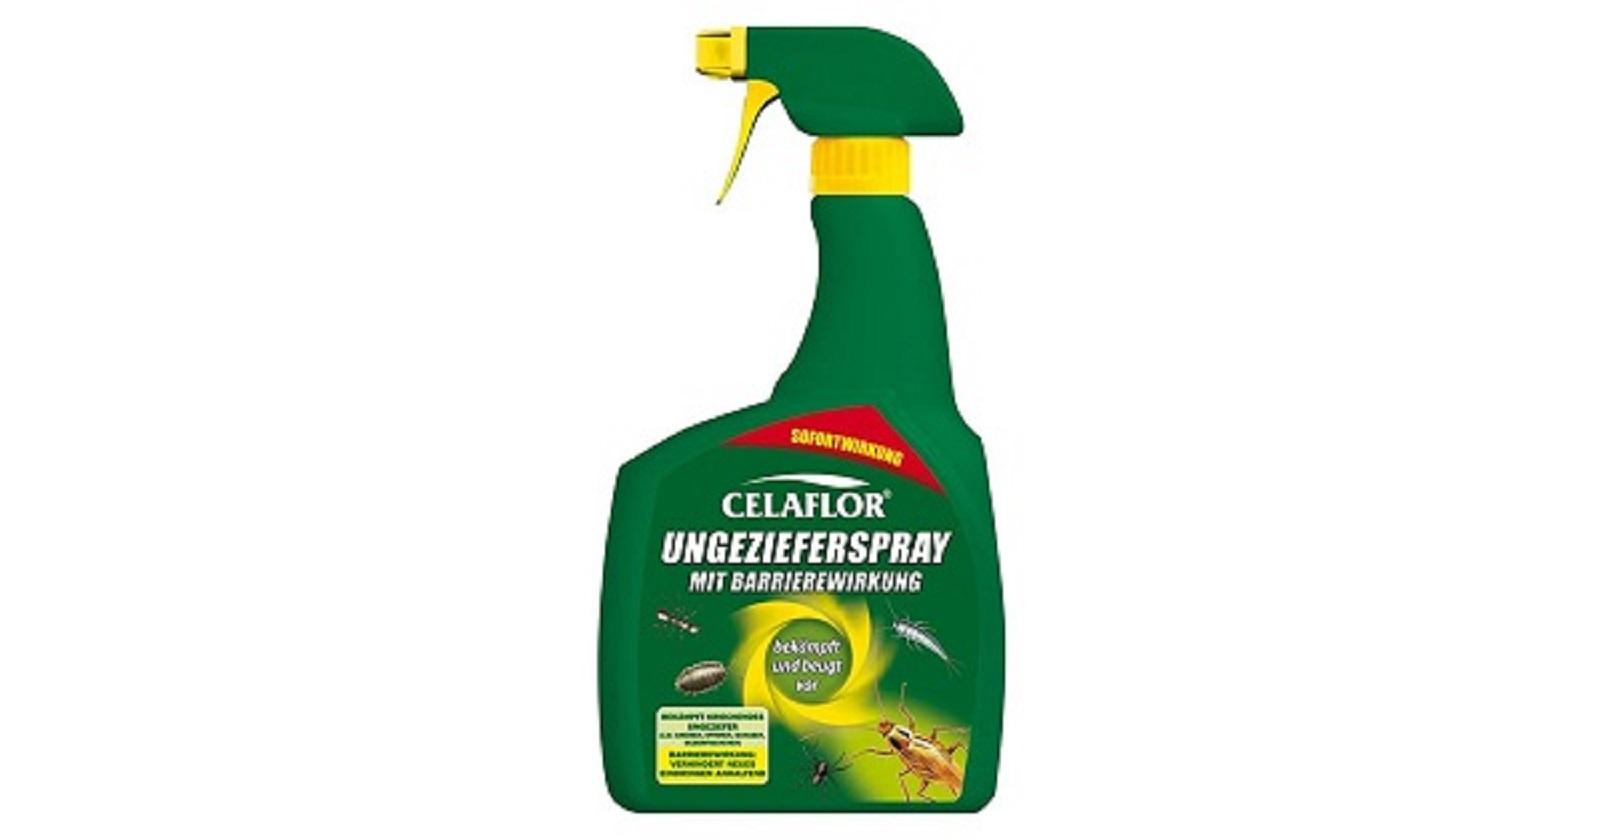 Celaflor Ungezieferspray mit Barrierewirkung  Neu 800 ml